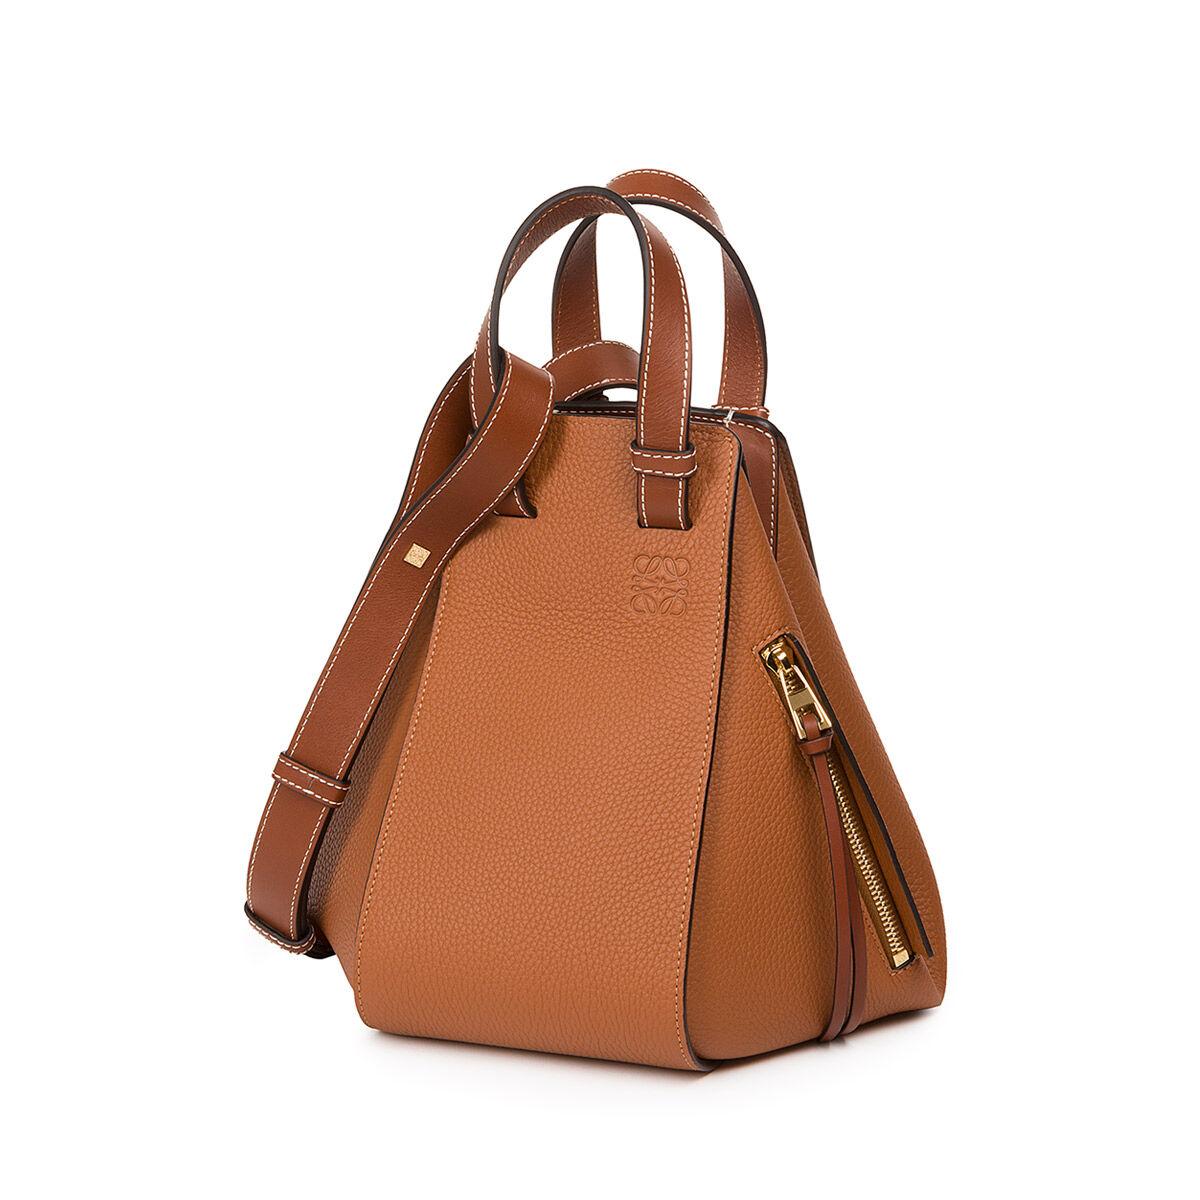 Hammock Small Bag in Tan Calfskin Loewe DV7h00Ph